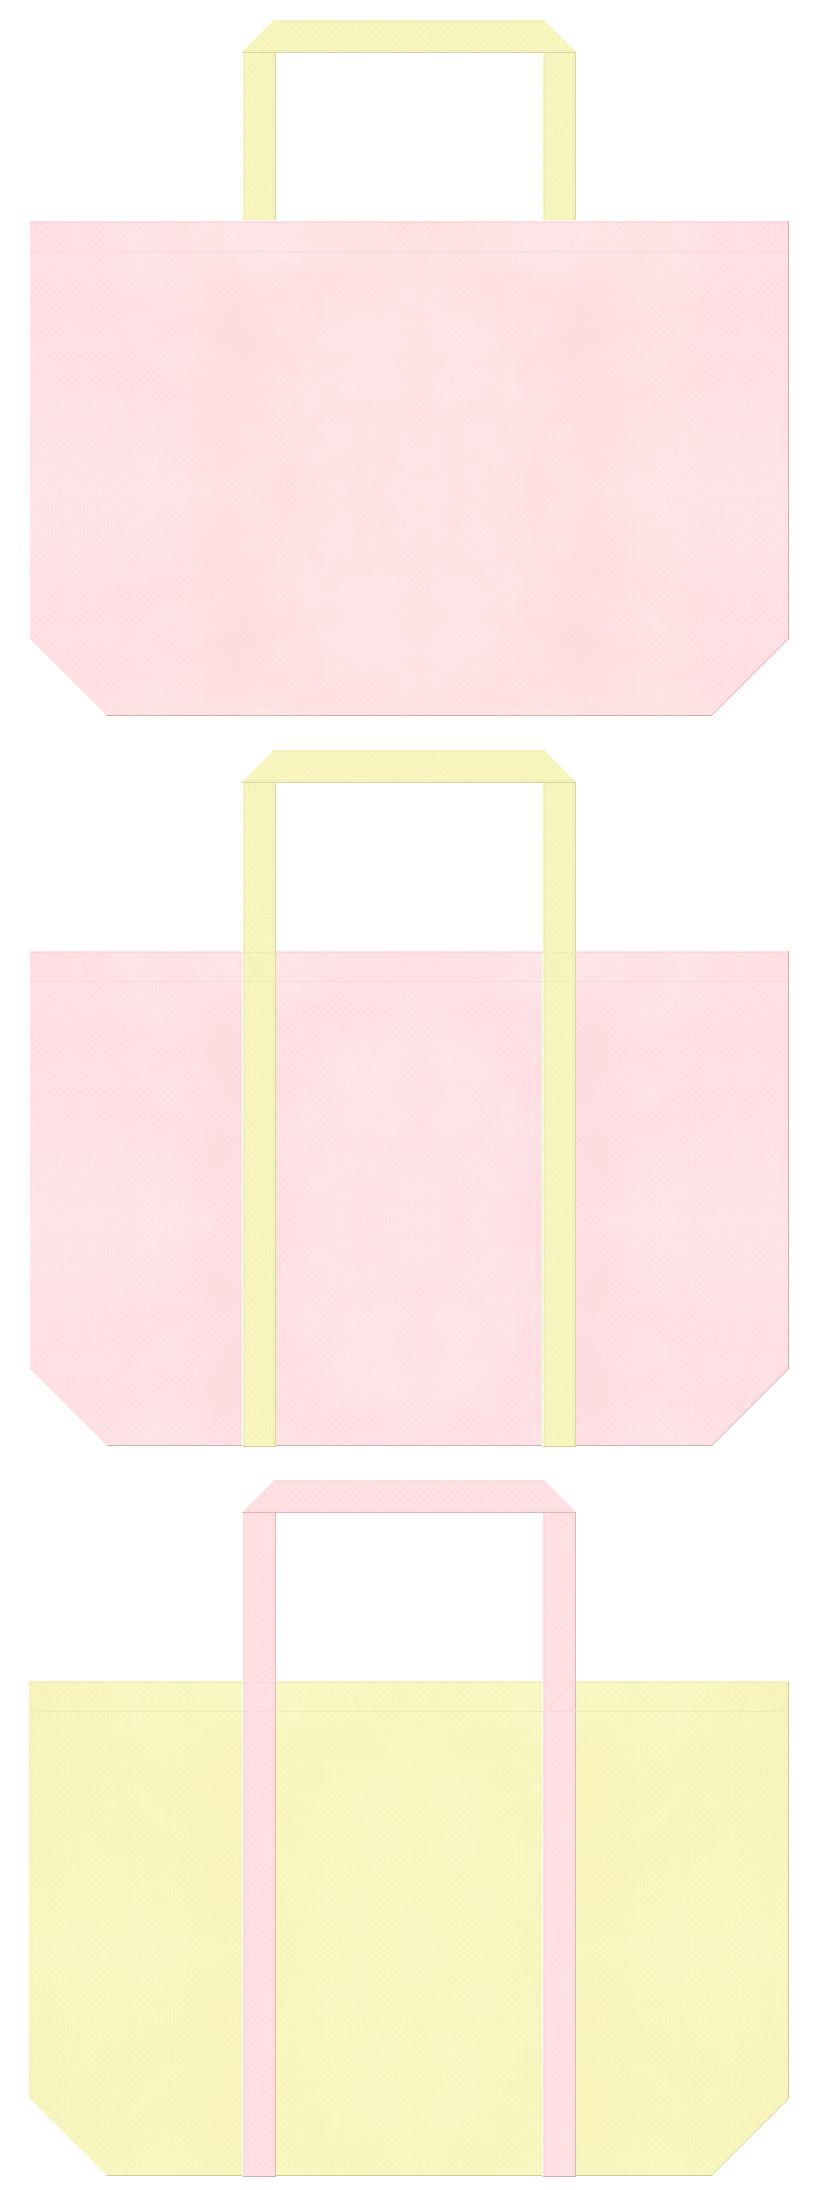 保育・福祉・介護・医療・七五三・入園・入学・ひな祭り・ムーンライト・バタフライ・ピーチ・ファンシー・フラワーショップ・パステルカラー・ガーリーデザインにお奨めの不織布バッグデザイン:桜色と薄黄色のコーデ